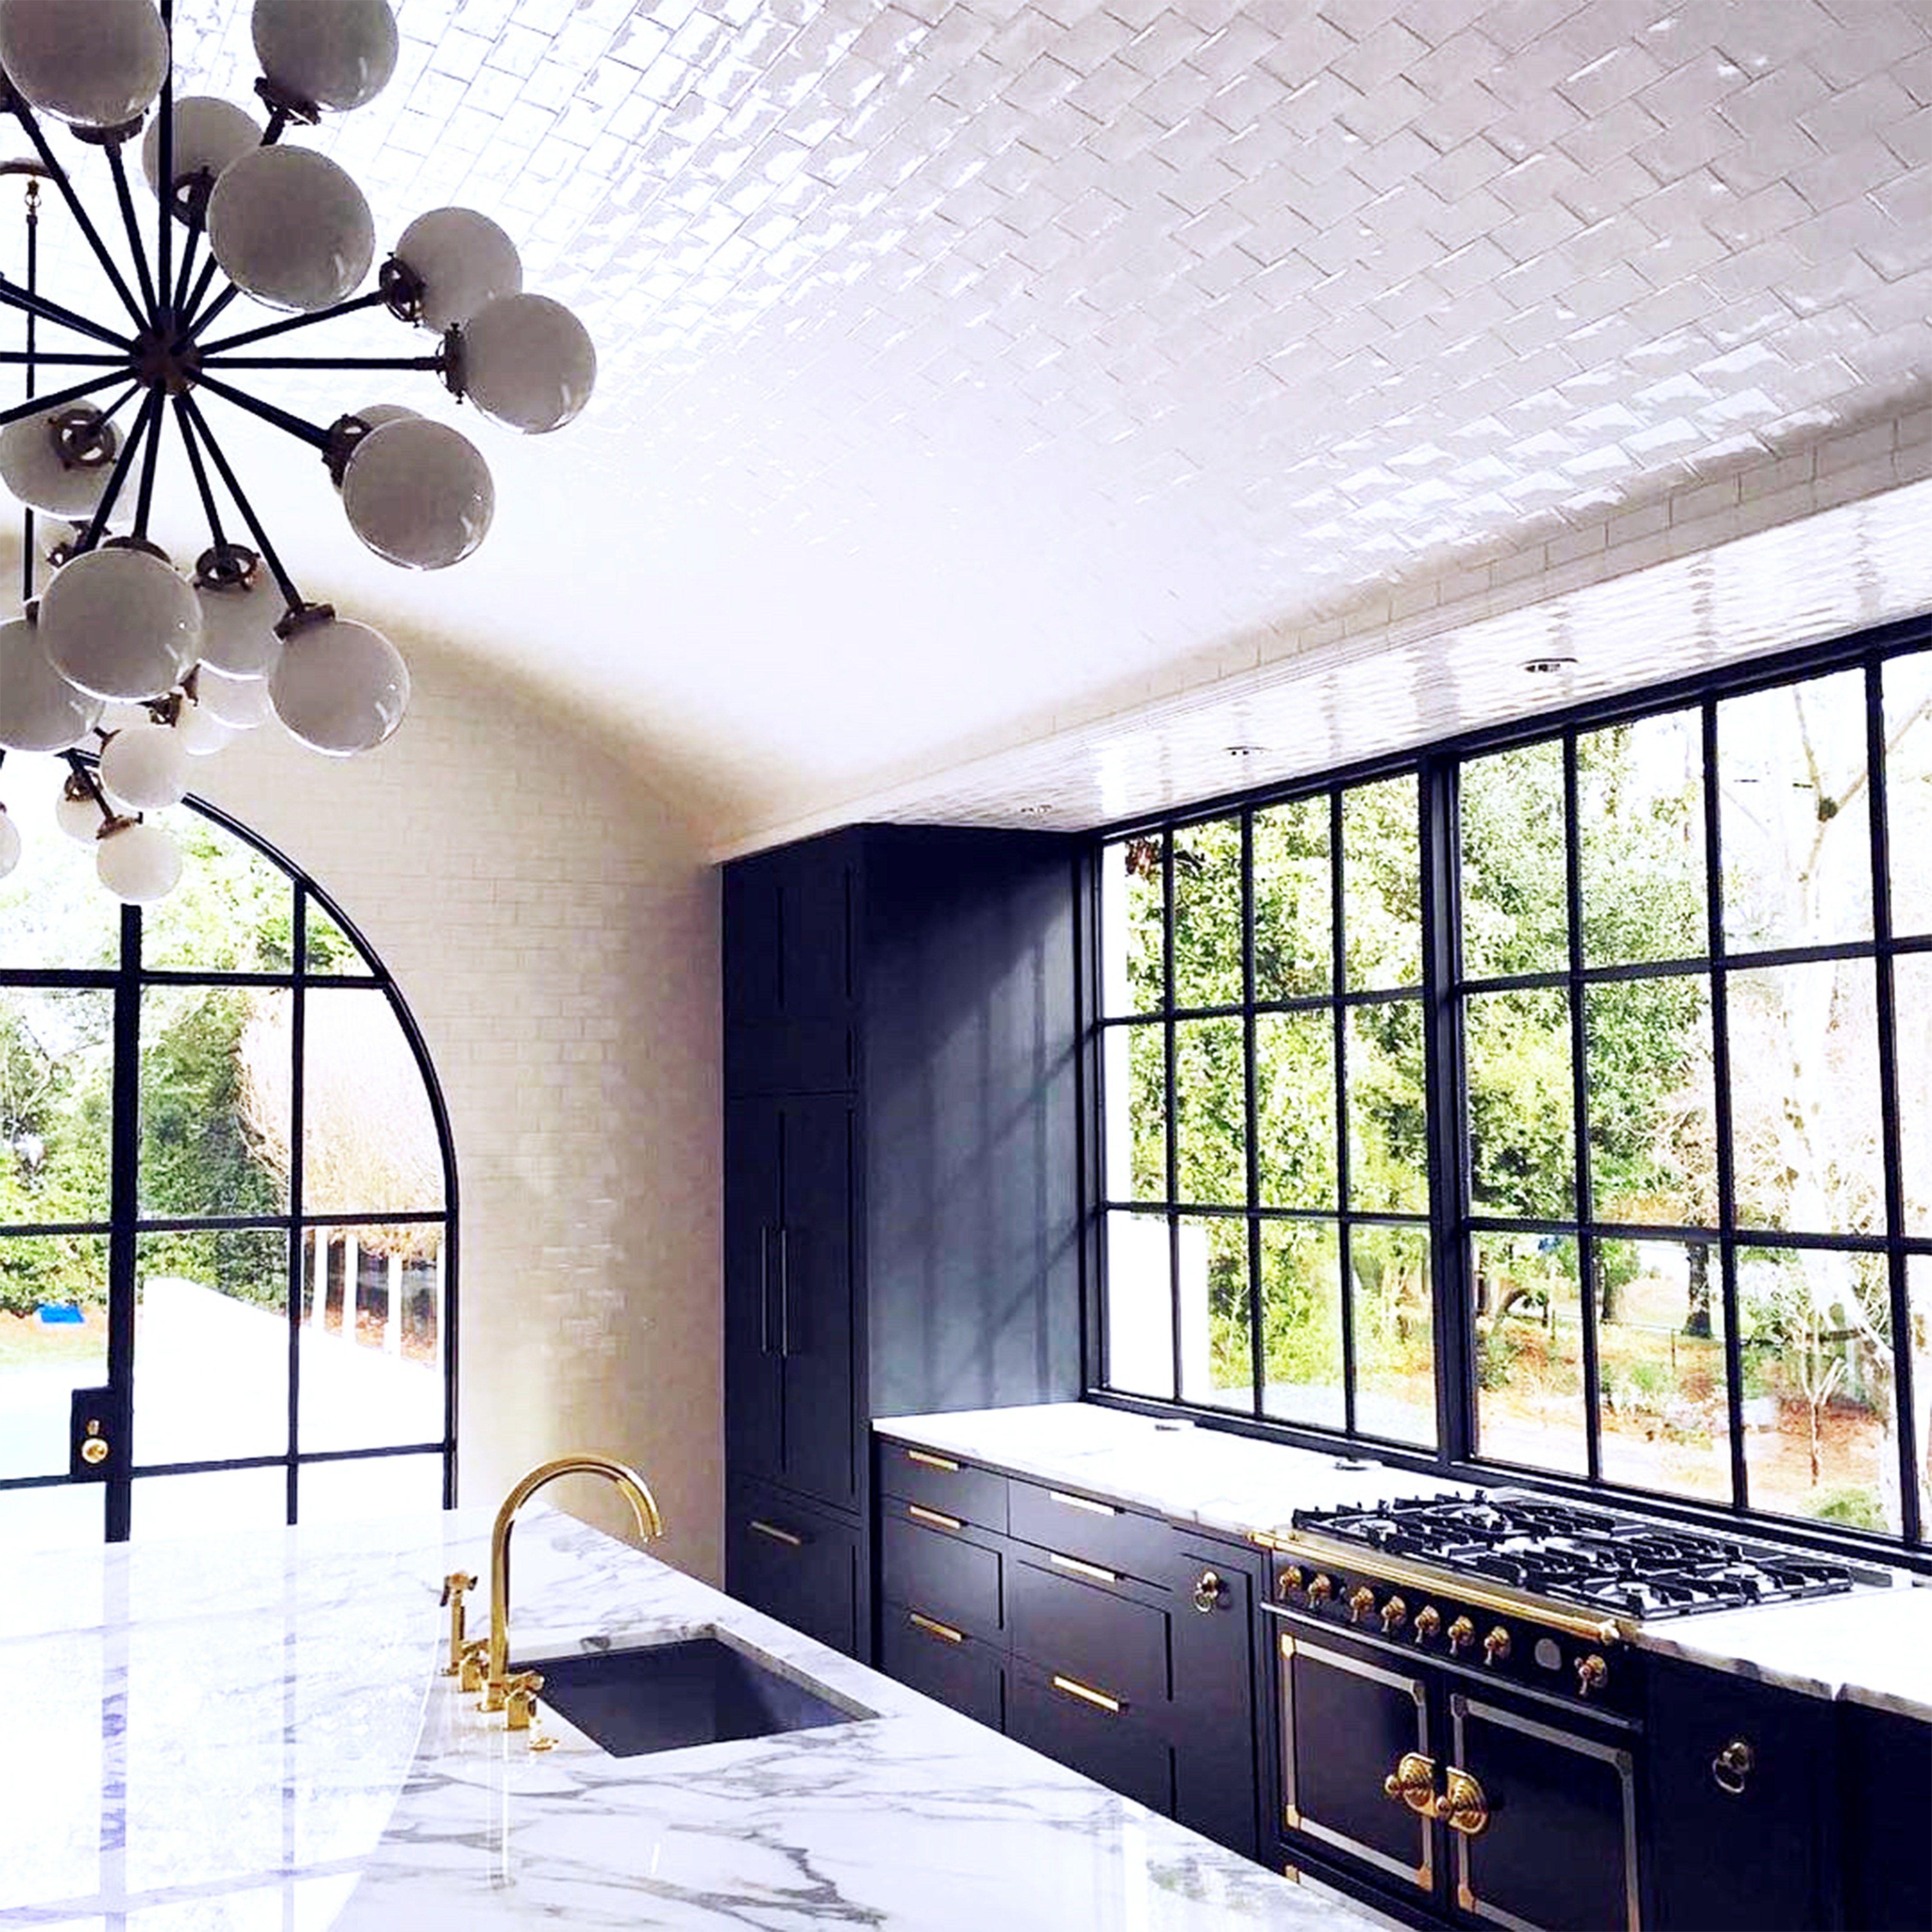 kitchen remodeling atlanta ga Arched Ceiling Tile Kitchen Remodel